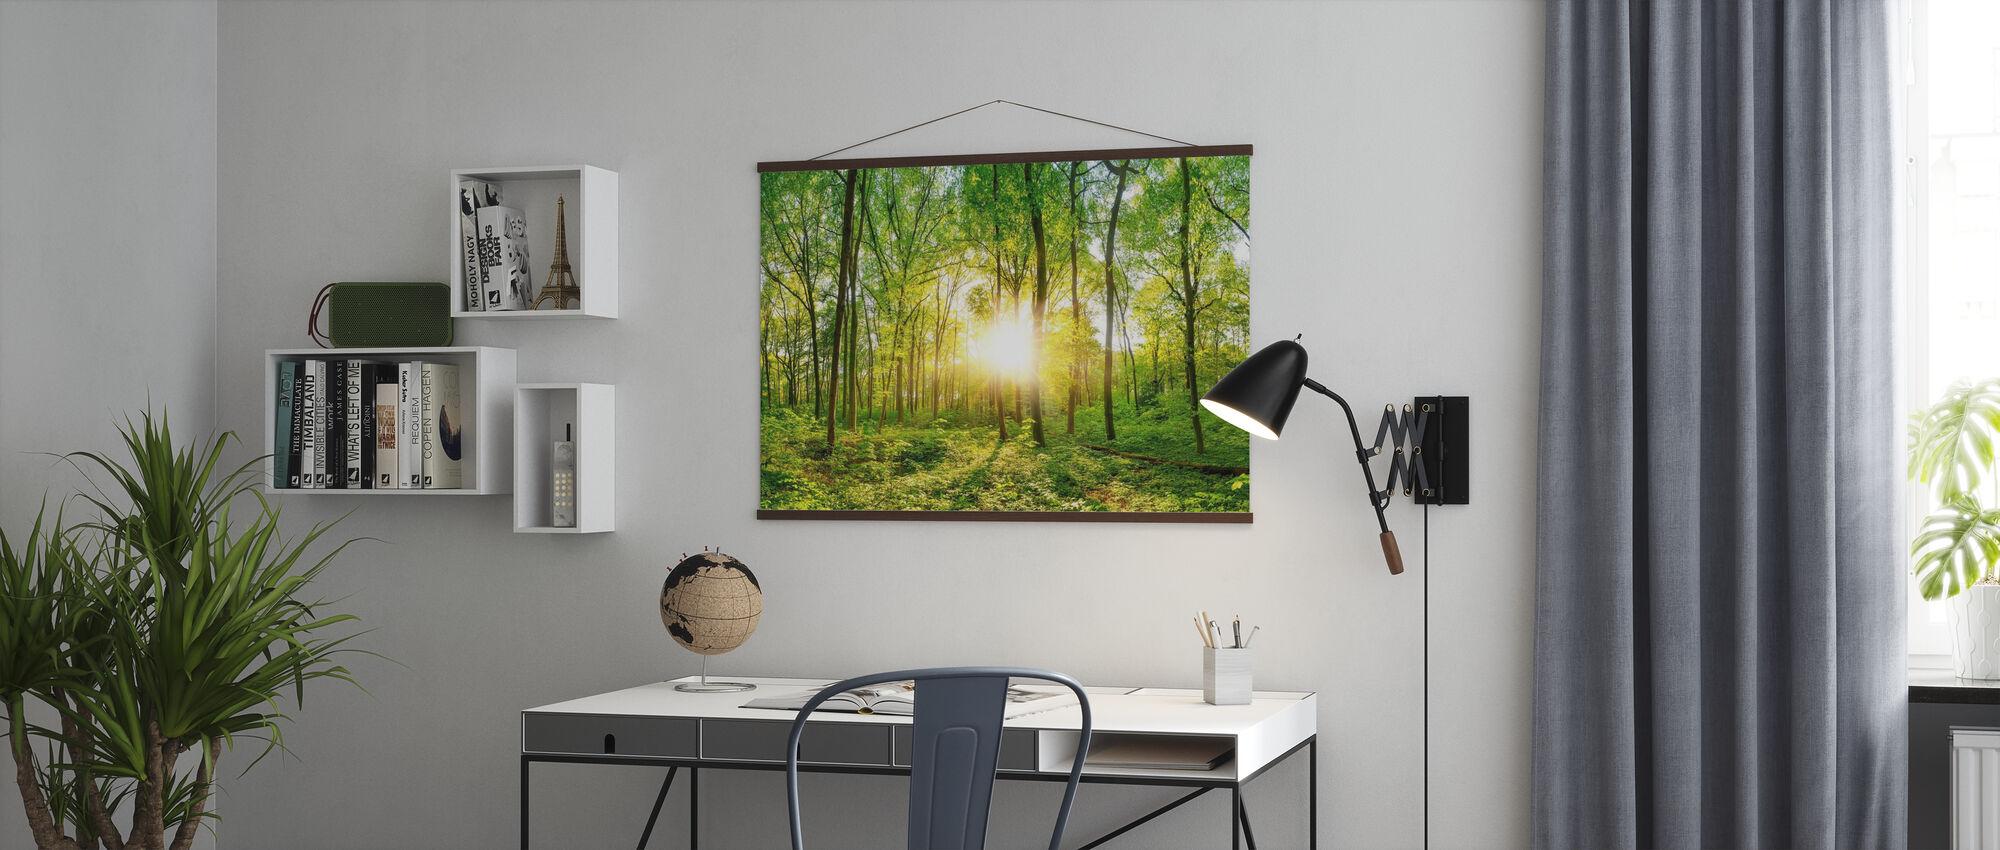 Skov solopgang - Plakat - Kontor